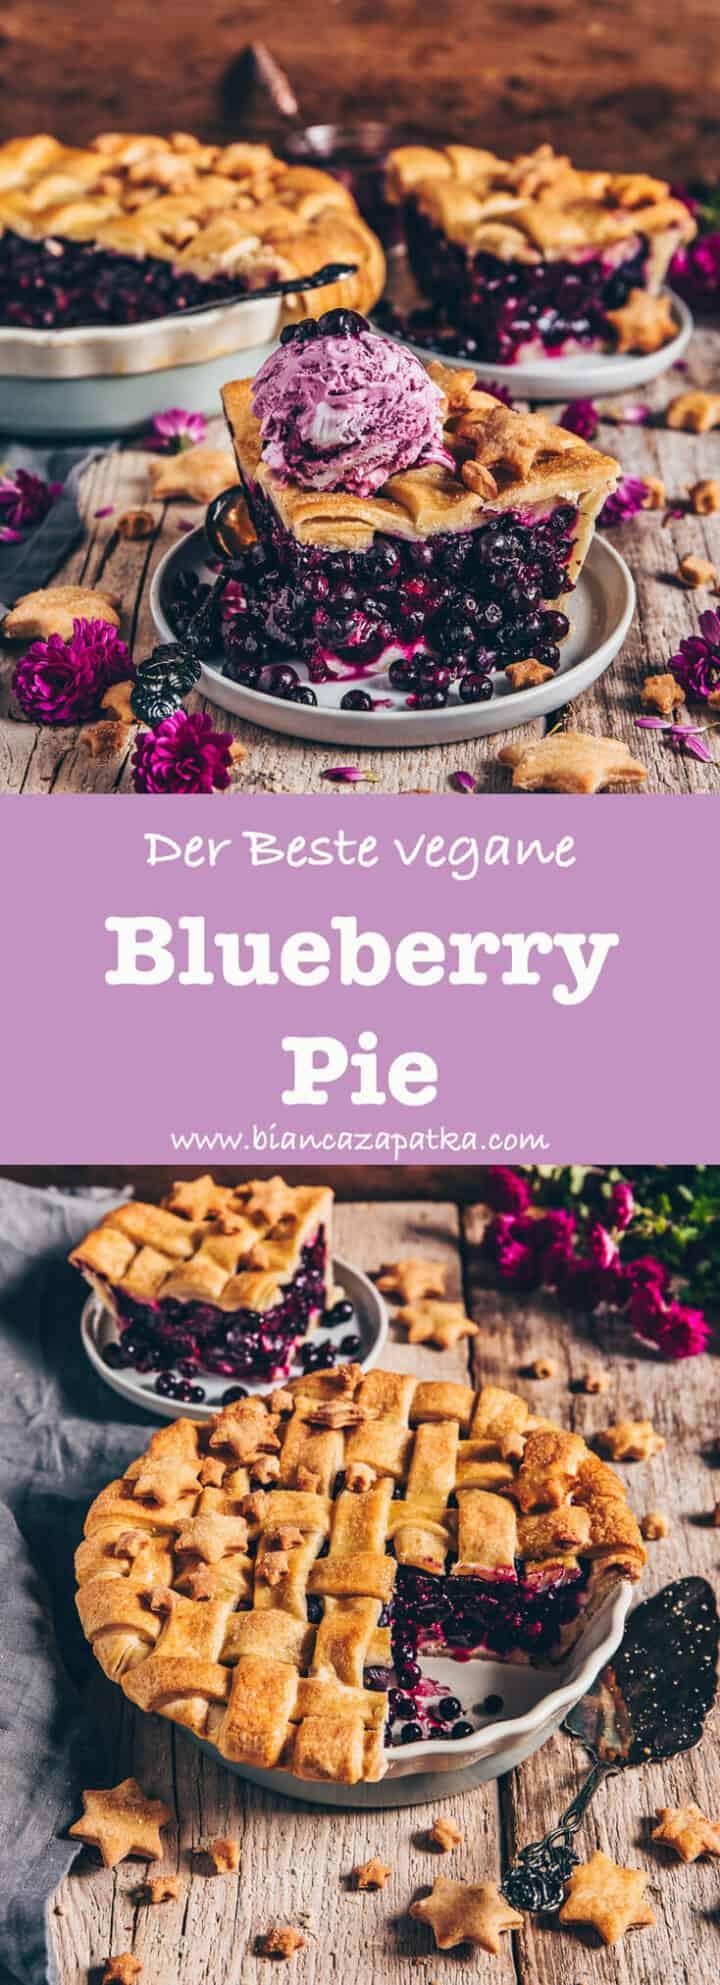 Der beste Blueberry Pie (veganer Blaubeerkuchen / Heidelbeerkuchen)! Eine fruchtig, saftige Blaubeer-Fuellung und ein knusprig, keksiger Muerbeteig. Das Rezept ist einfach zu machen und so koestlich! Ein perfektes Dessert, Nachtisch und Fruehstueck.